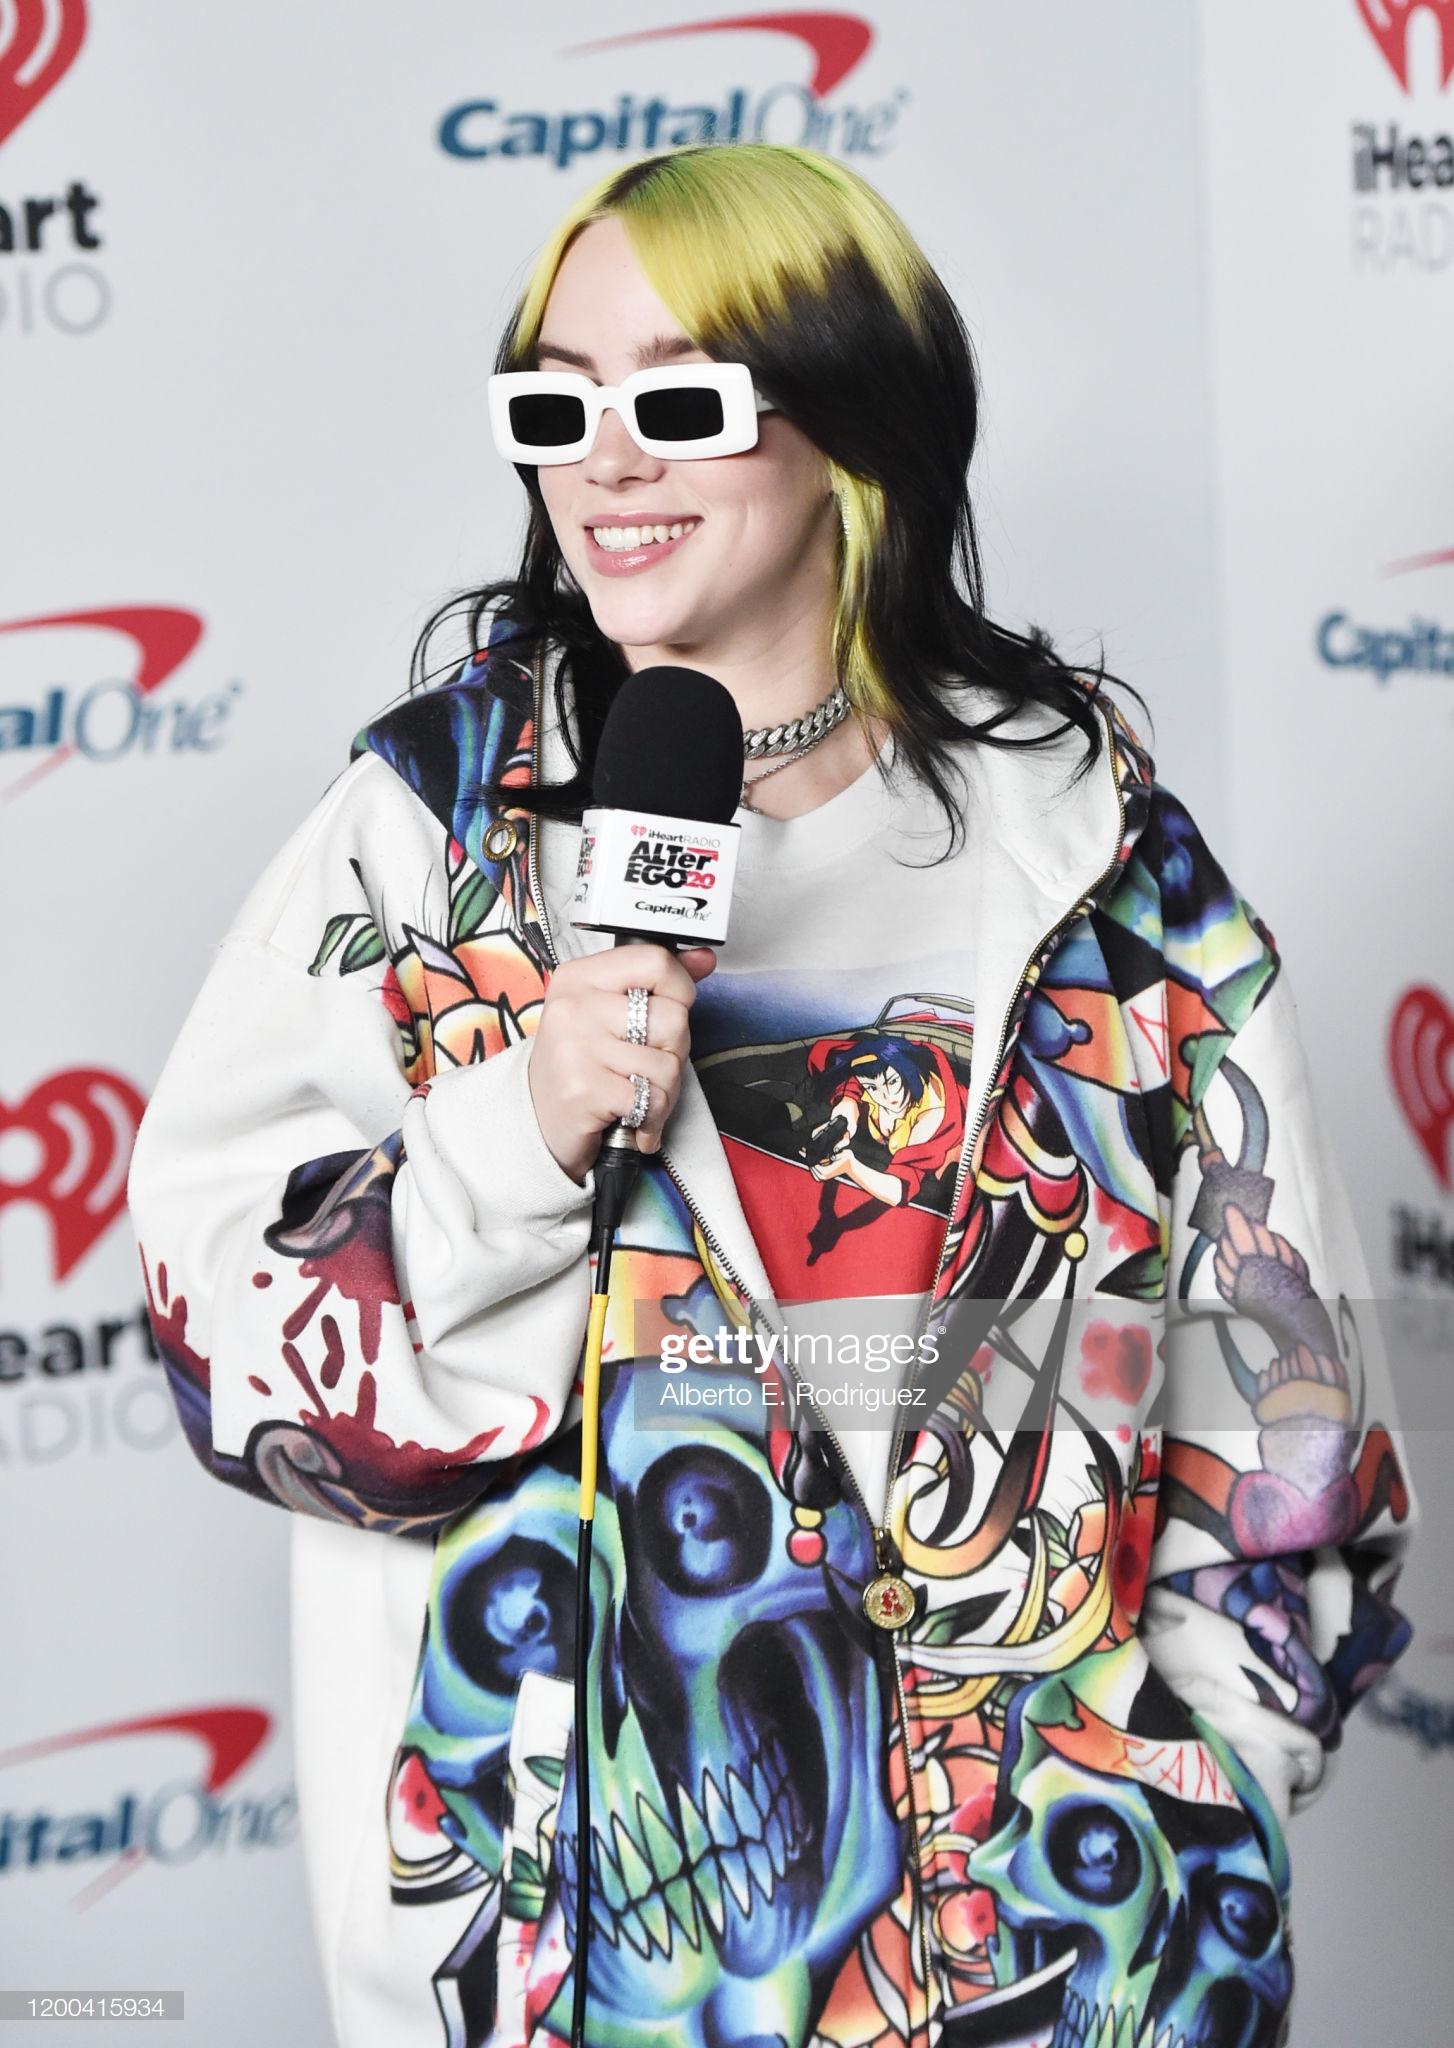 Billie Eilish luôn biết cách làm bản thân nổi bật trước ống kính, vĩ như bộ trang phục màu sắc với hoạ tiết ngộ nghĩnh này. Đặc biệt, nếu ai để ý, Billie Eilish luôn có nhiều phụ kiện mắt kính, vòng đeo cổ, nhẫn, vòng tay... để tạo ấn tượng.